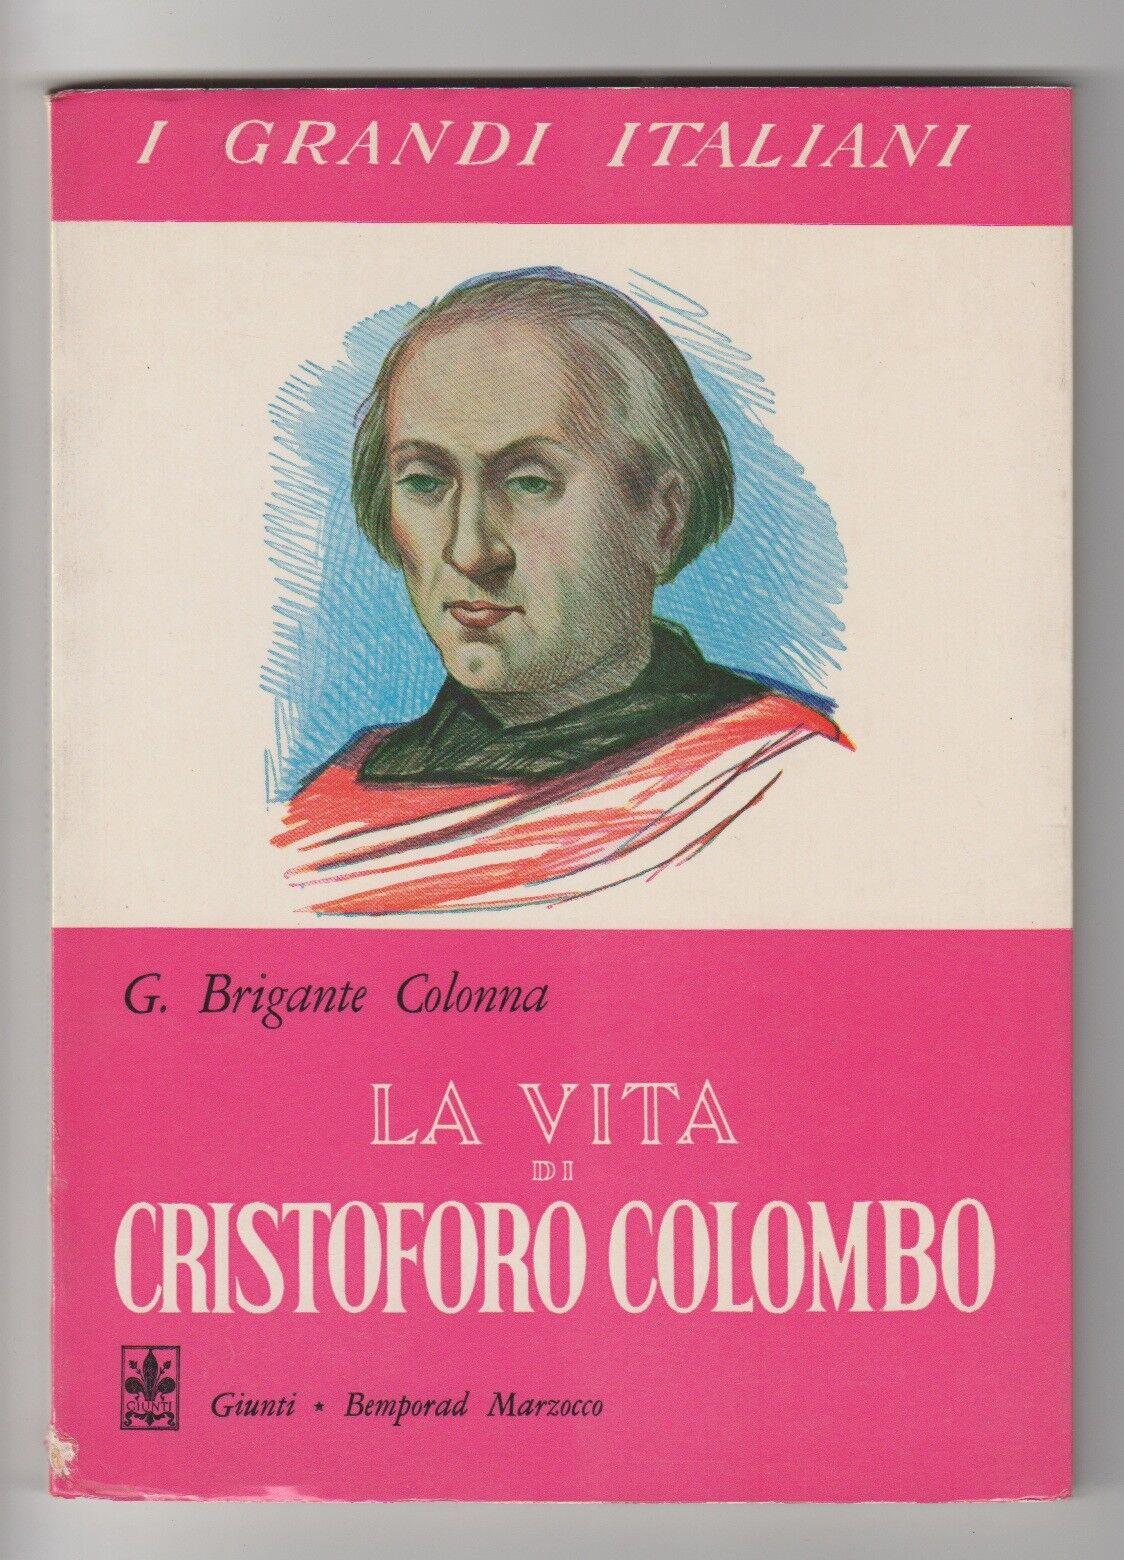 La vita di Cristoforo Colombo